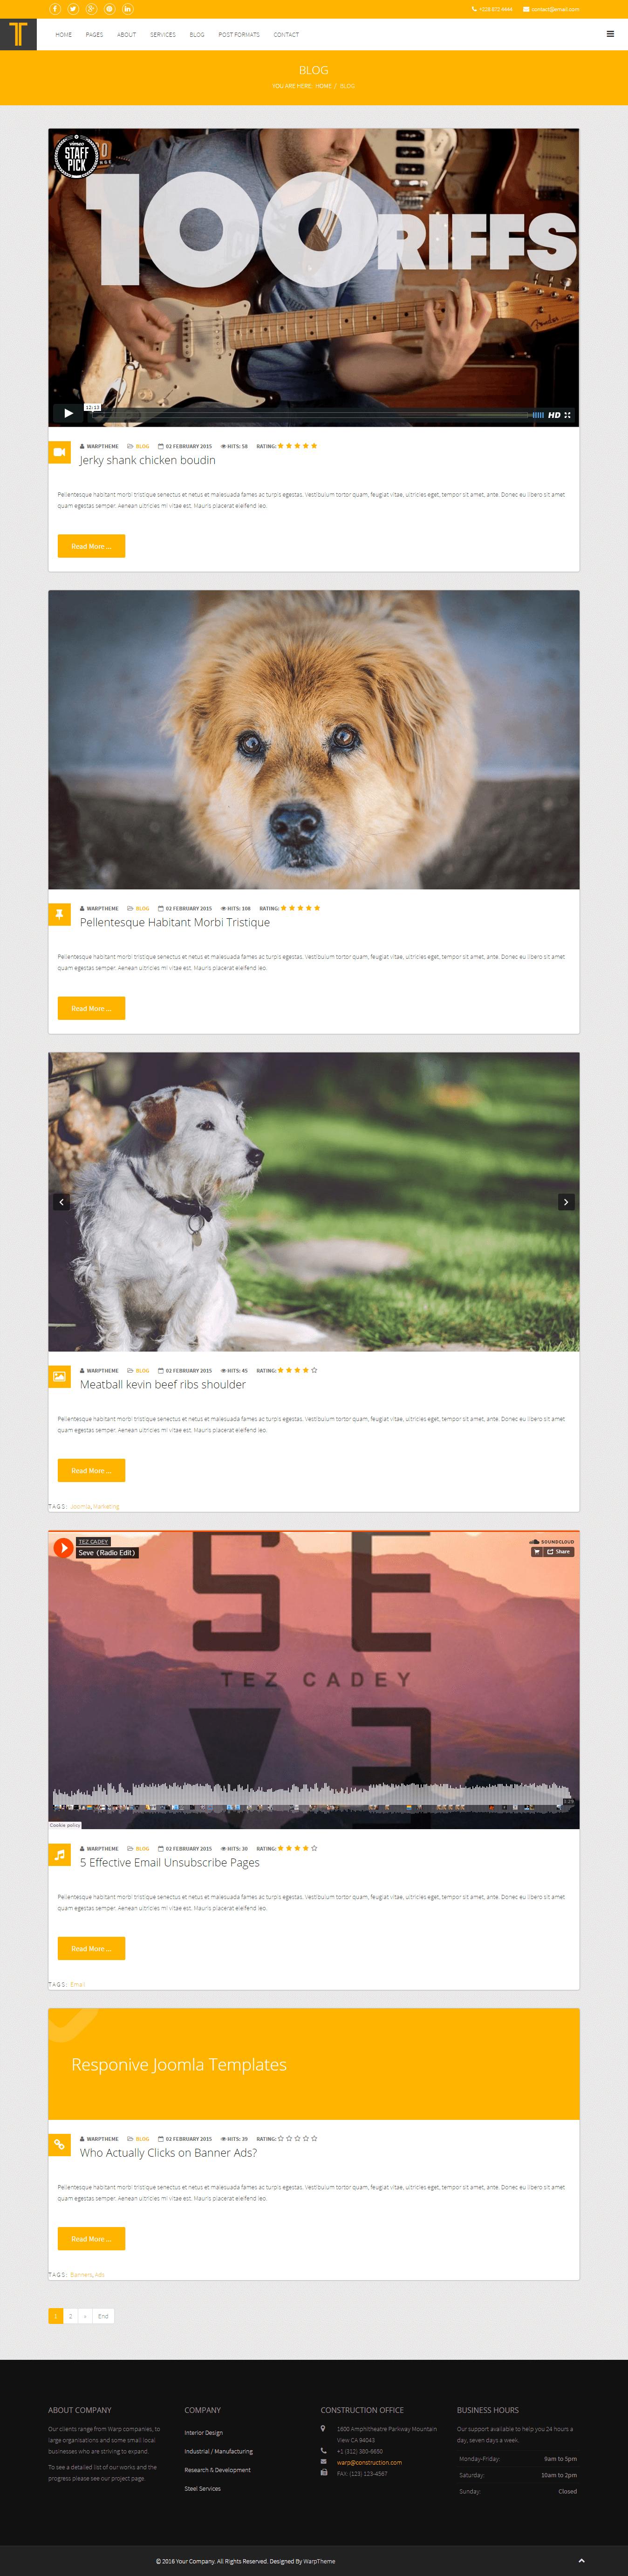 tixo blog